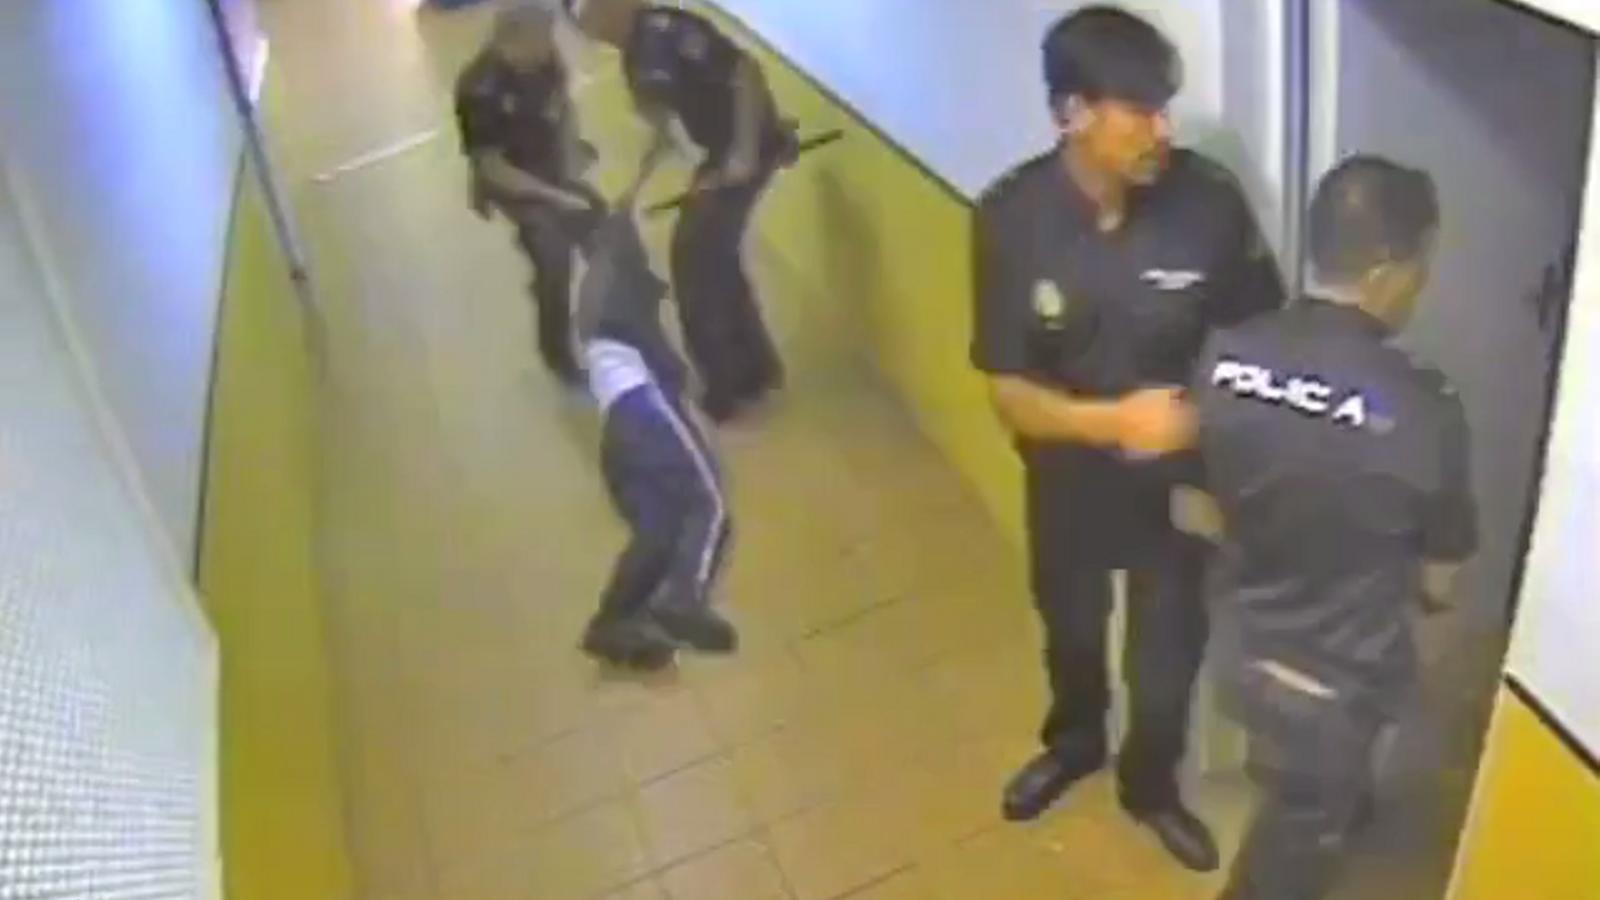 Una càmera va captar un dels moments que els policies van colpejar algunes de les persones del CIE